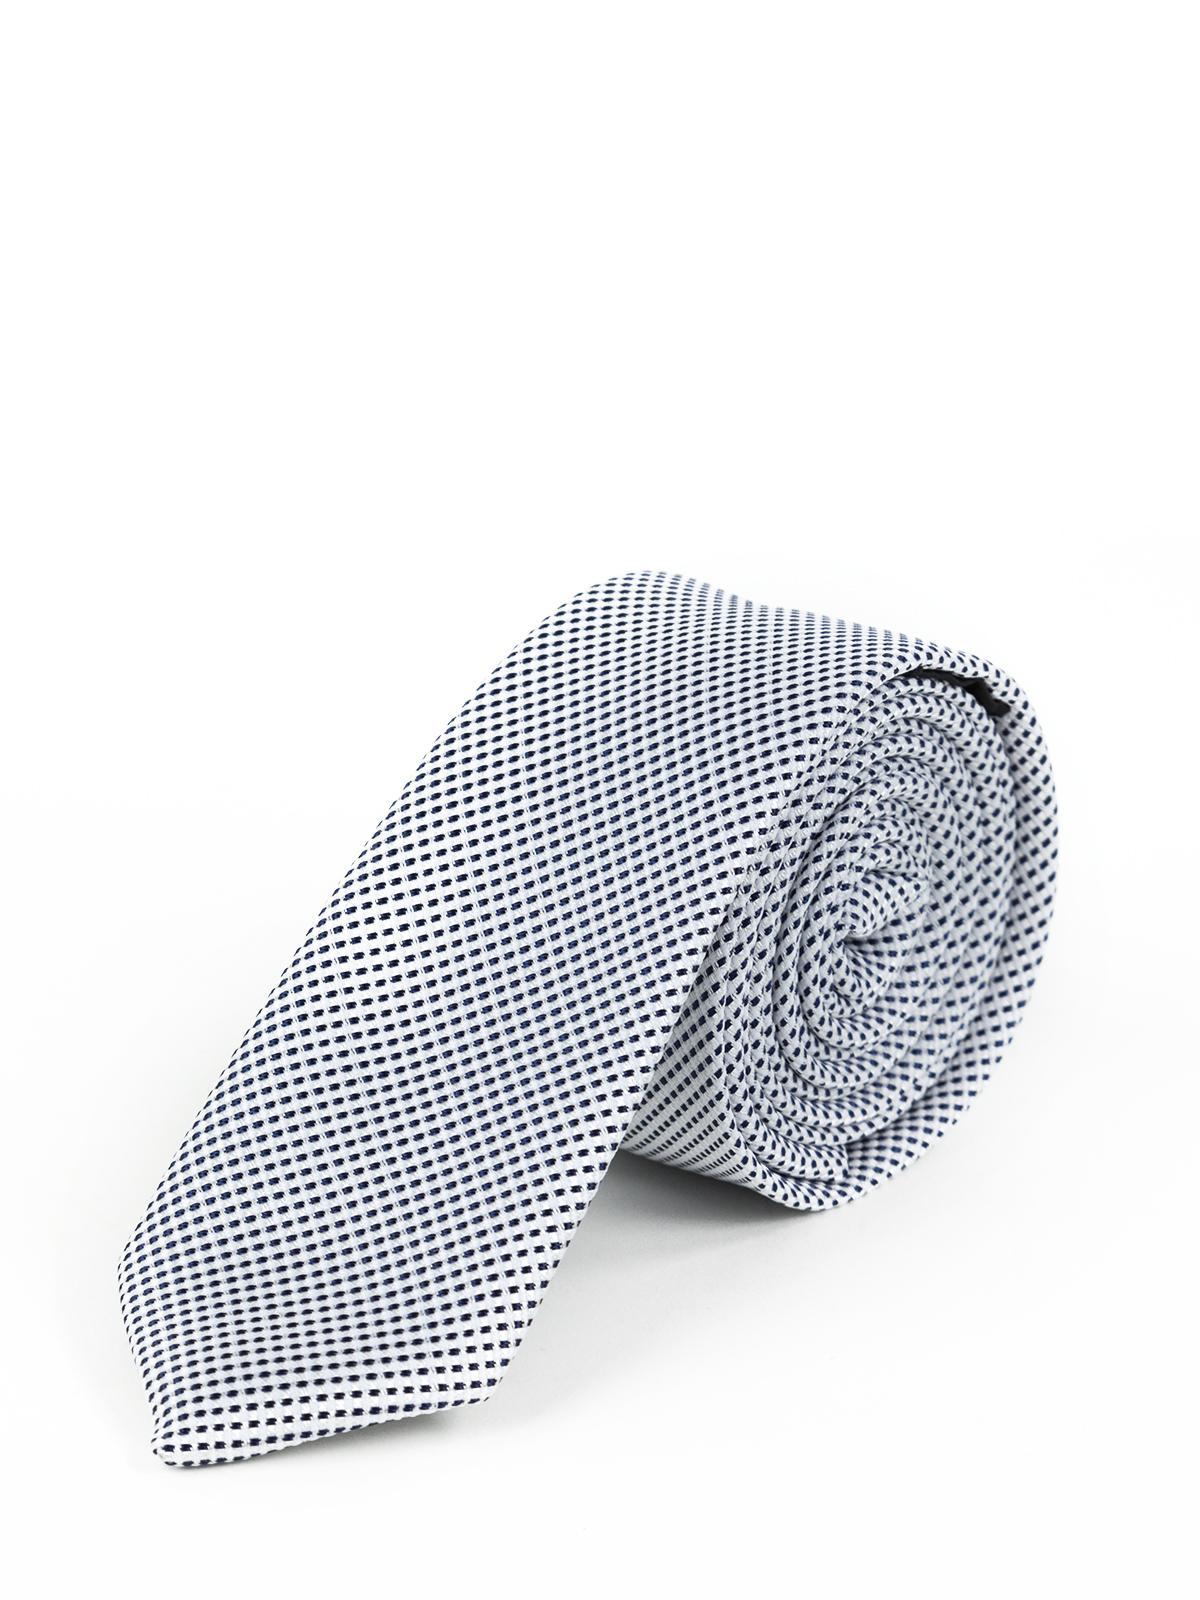 grande selezione del 2019 liquidazione a caldo migliore collezione Cravatte uomo | SPADA SRL